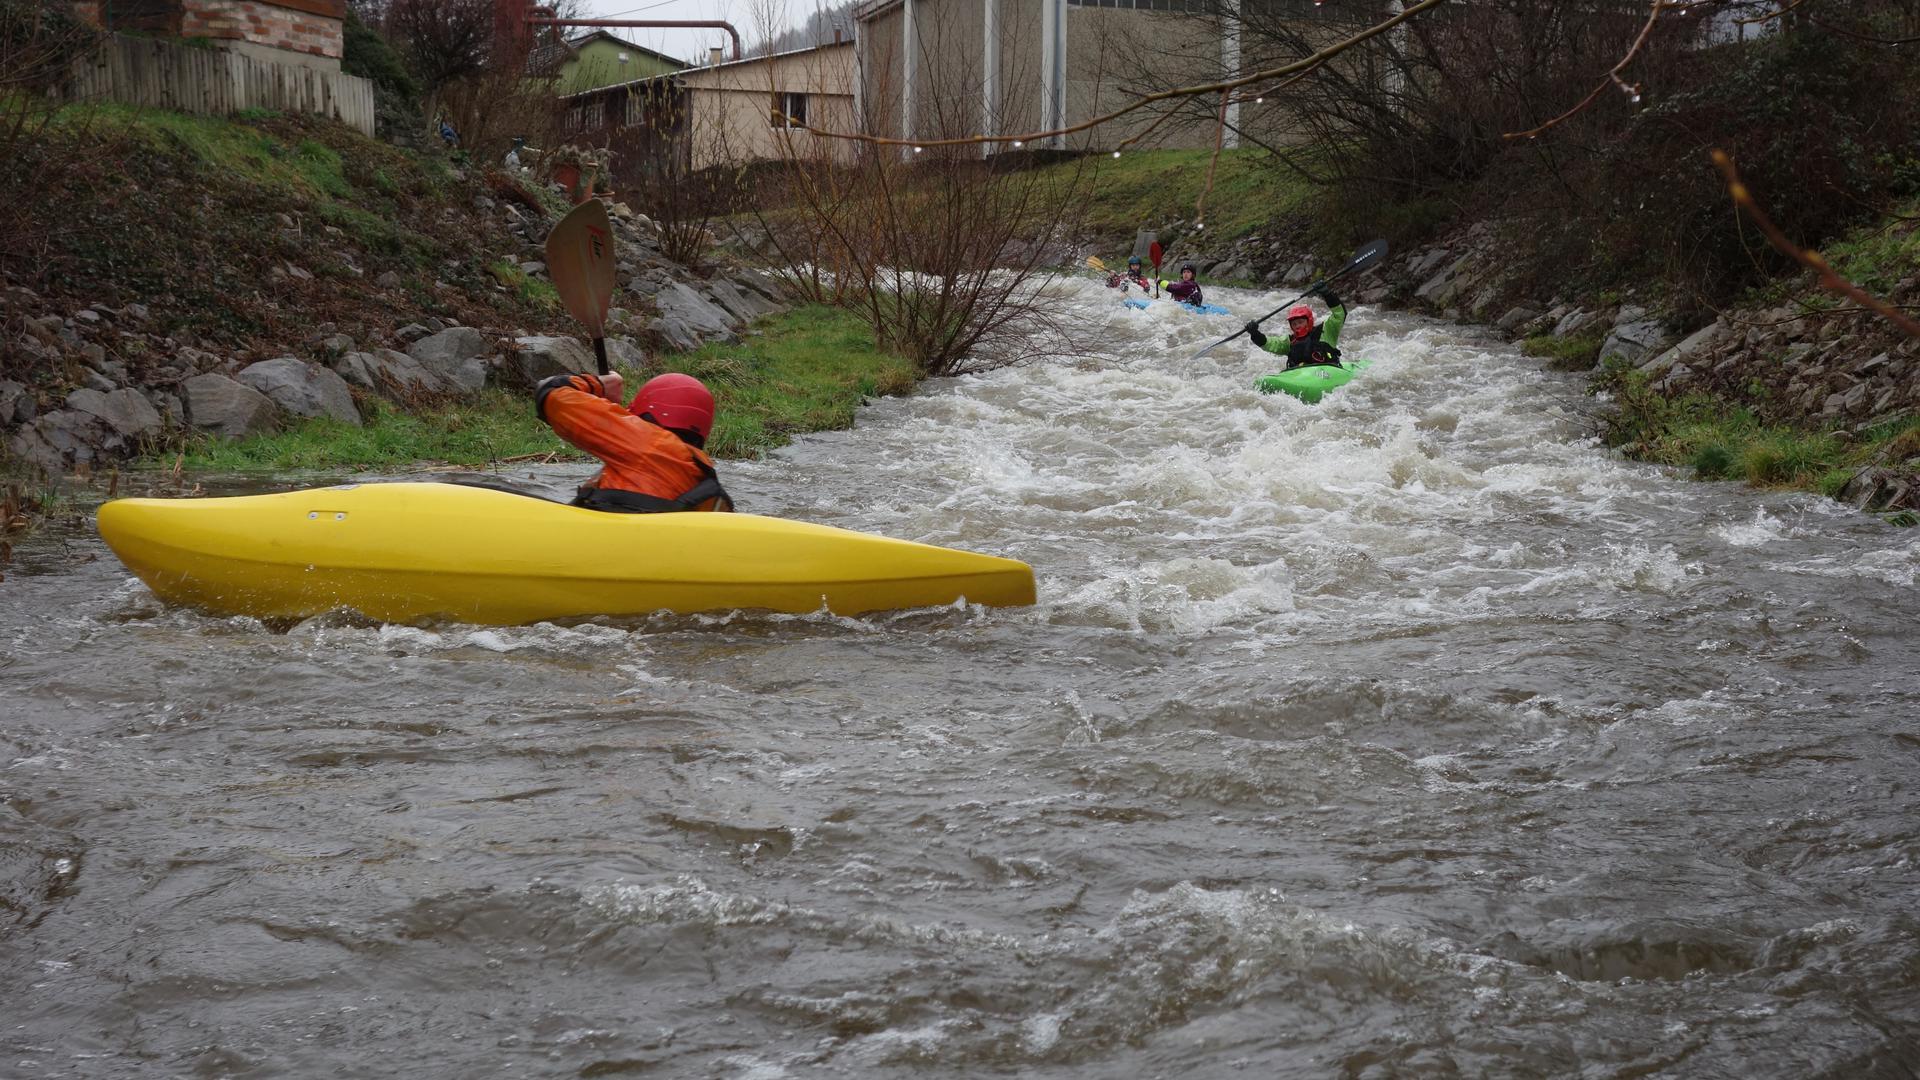 Wende ans Ufer: Bei aller Freude über die Fahrt im reißenden Bühlot-Wasser ist eine sichere Ausstiegsstelle enorm wichtig.